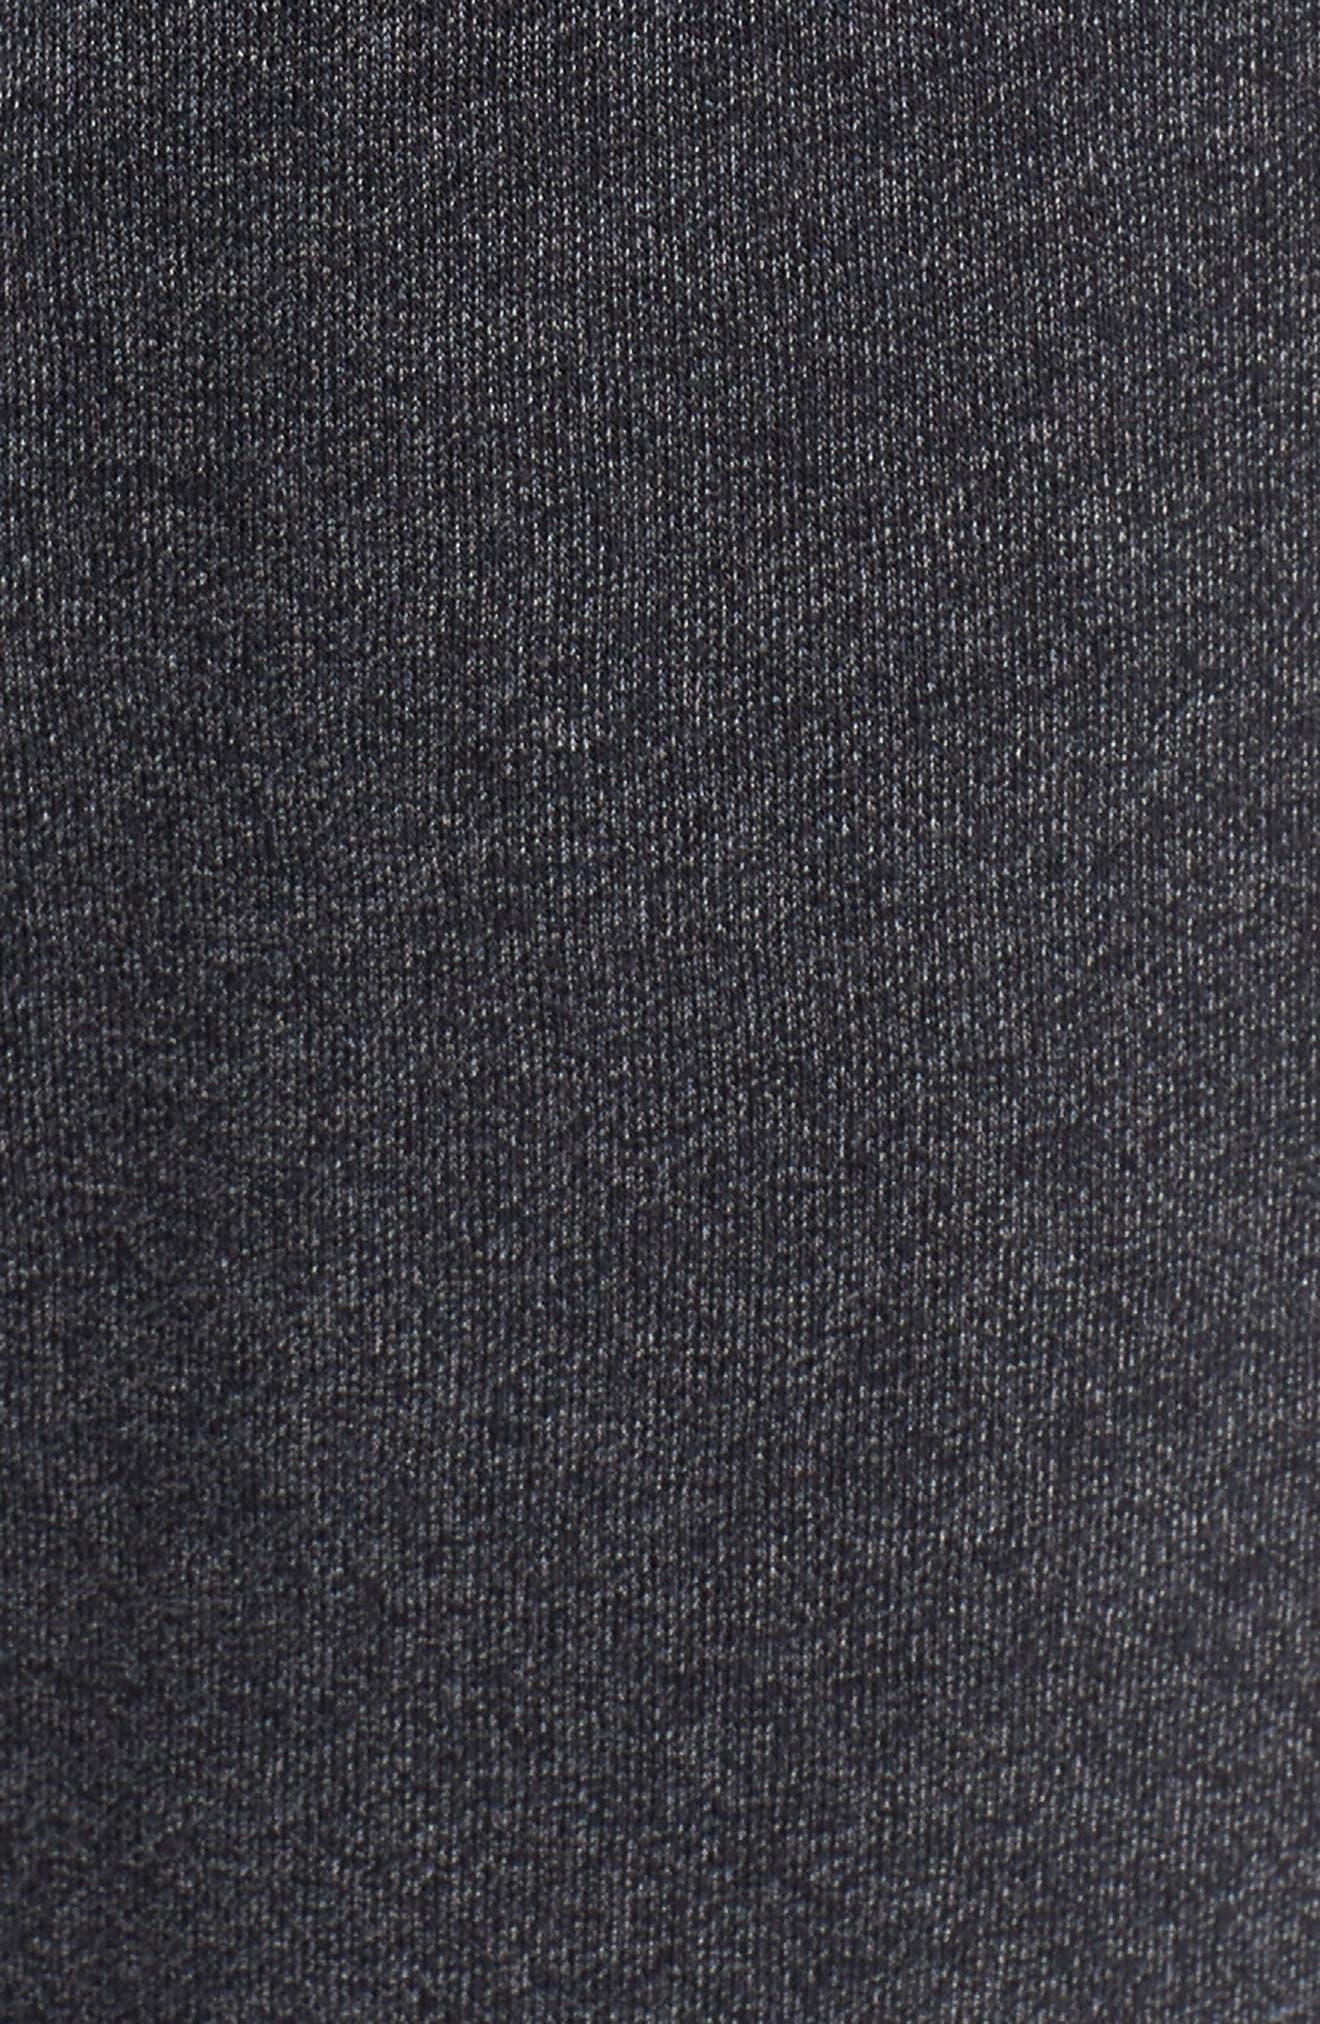 Threadborne Jogger Pants,                             Alternate thumbnail 5, color,                             BLACK/ BLACK